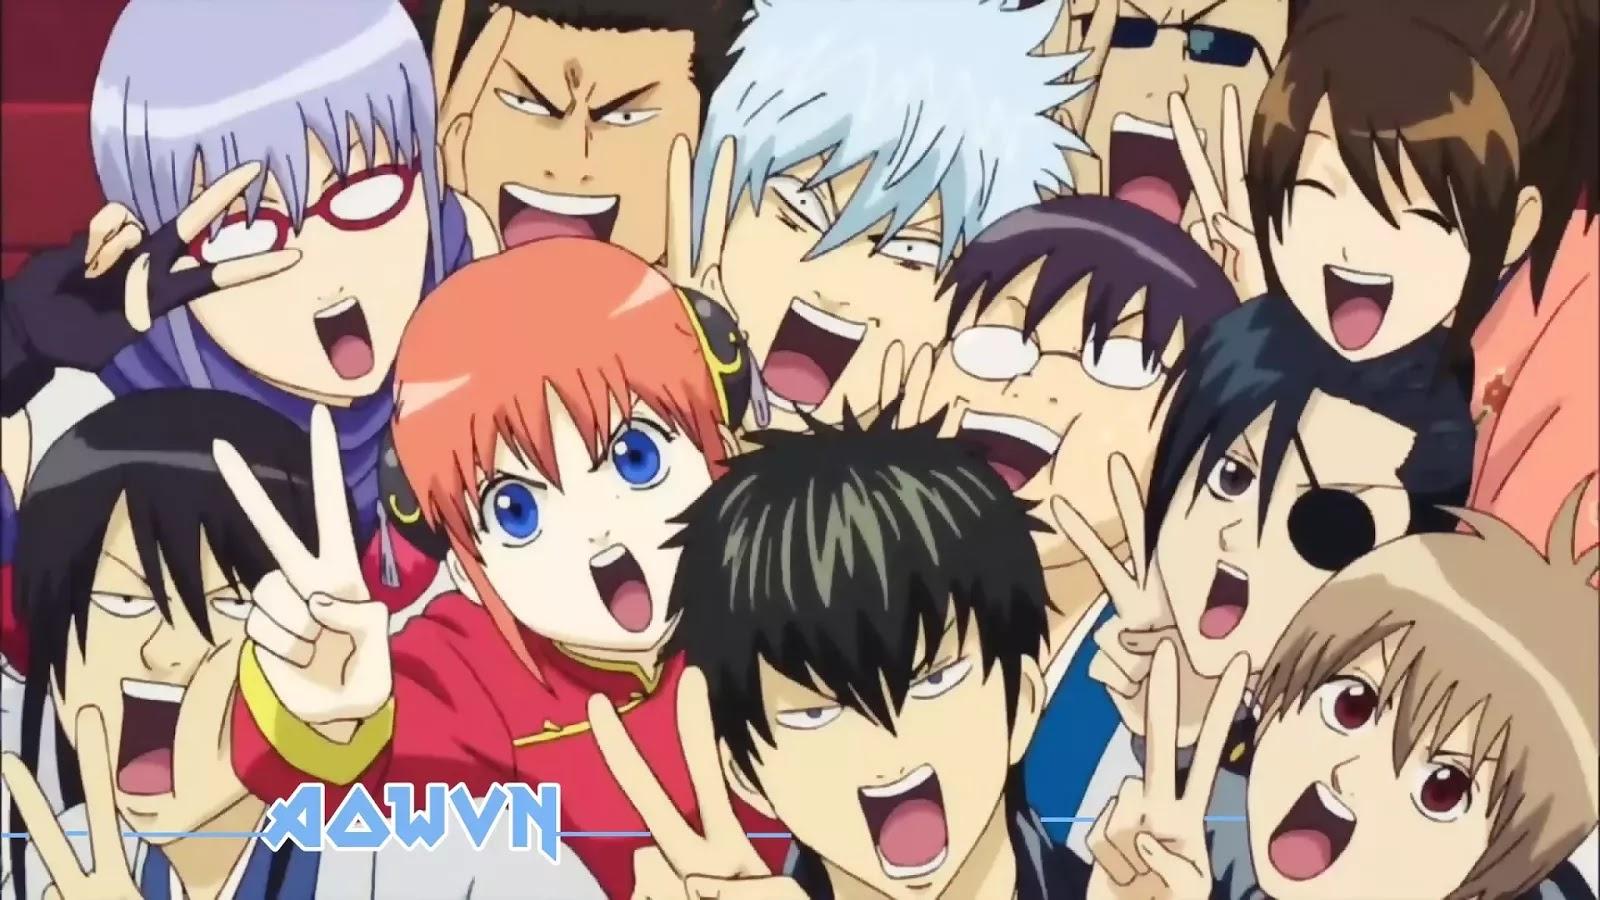 aowvn min m%2B%25283%2529 - [ Tổng Hợp ] List Anime Mùa Trước Đã Full Tại AowVN